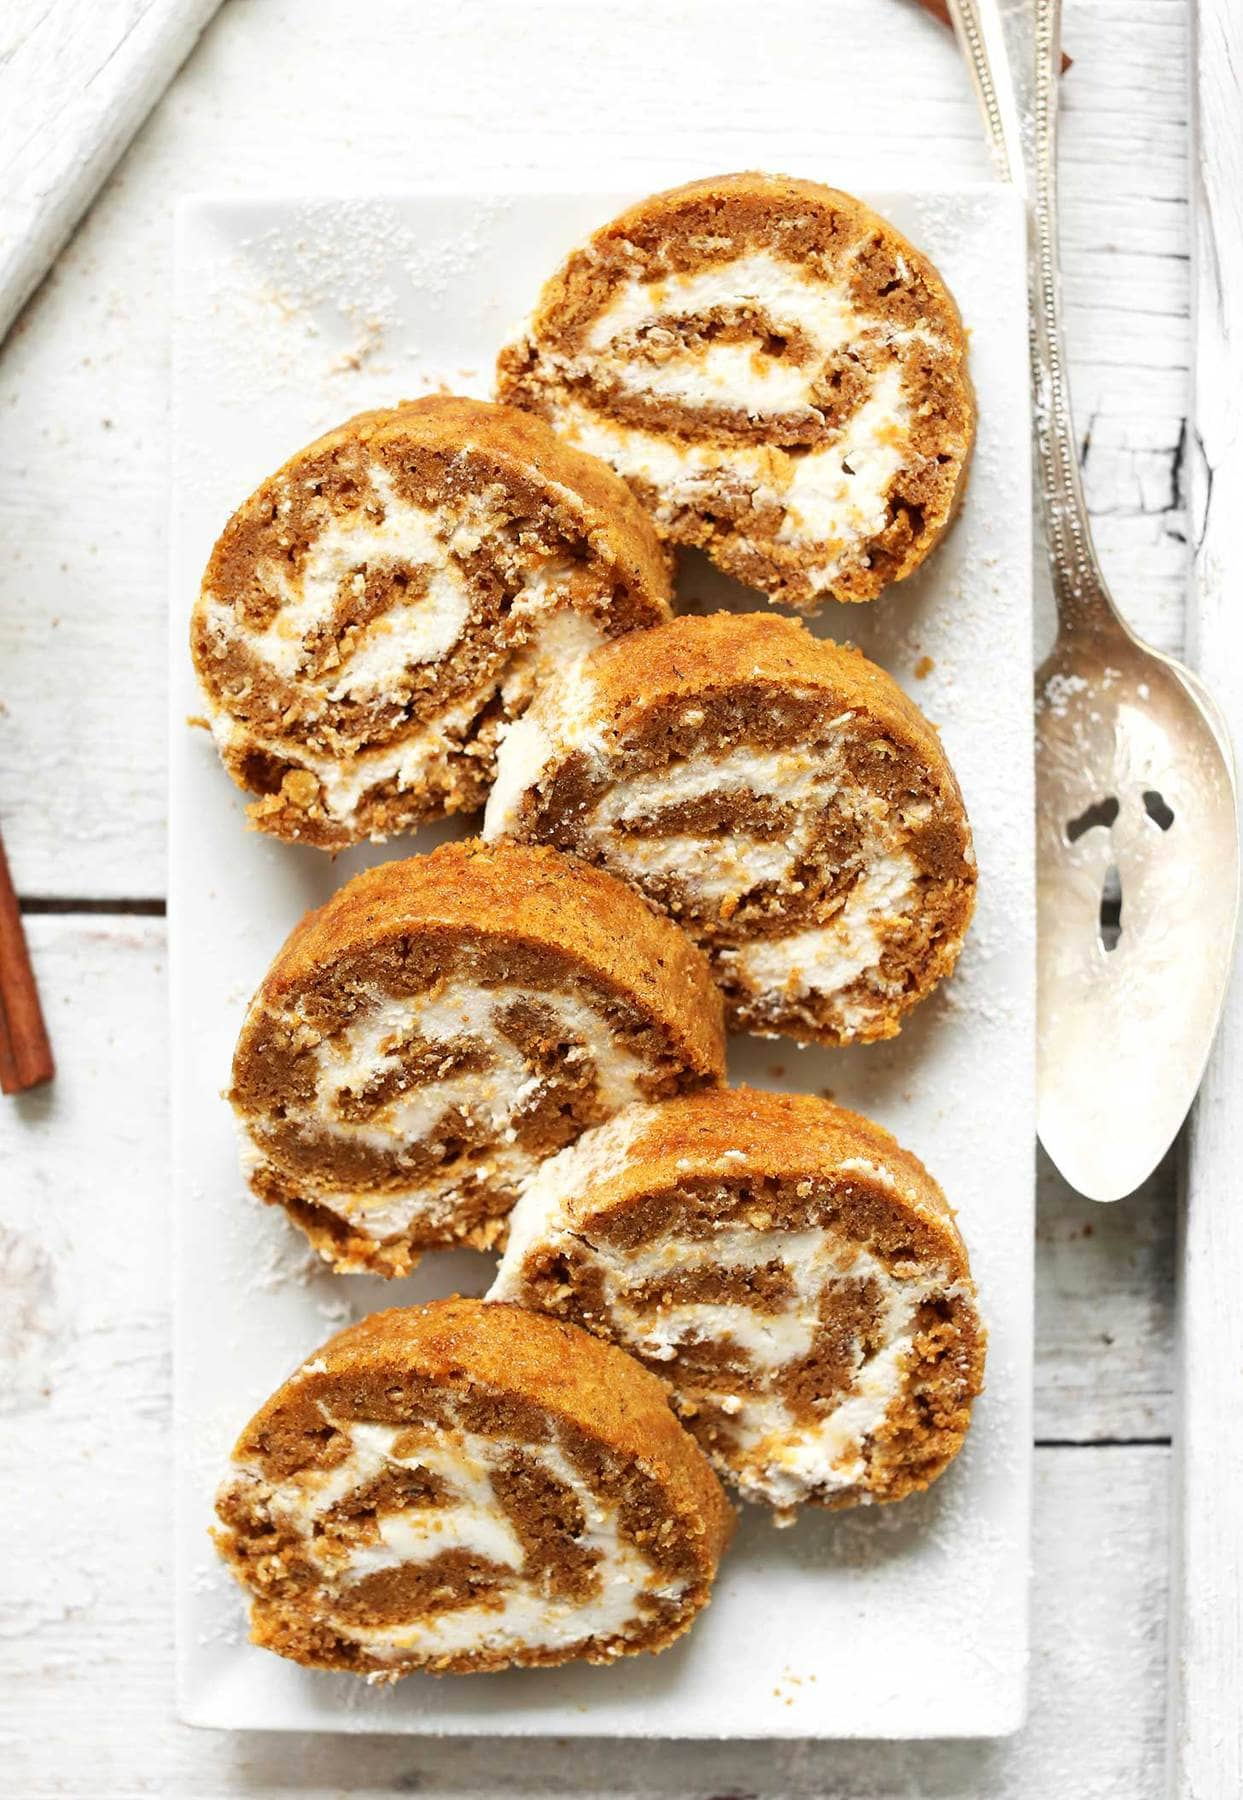 vegan dessert recipes such as pumpkin roll for thanksgiving.